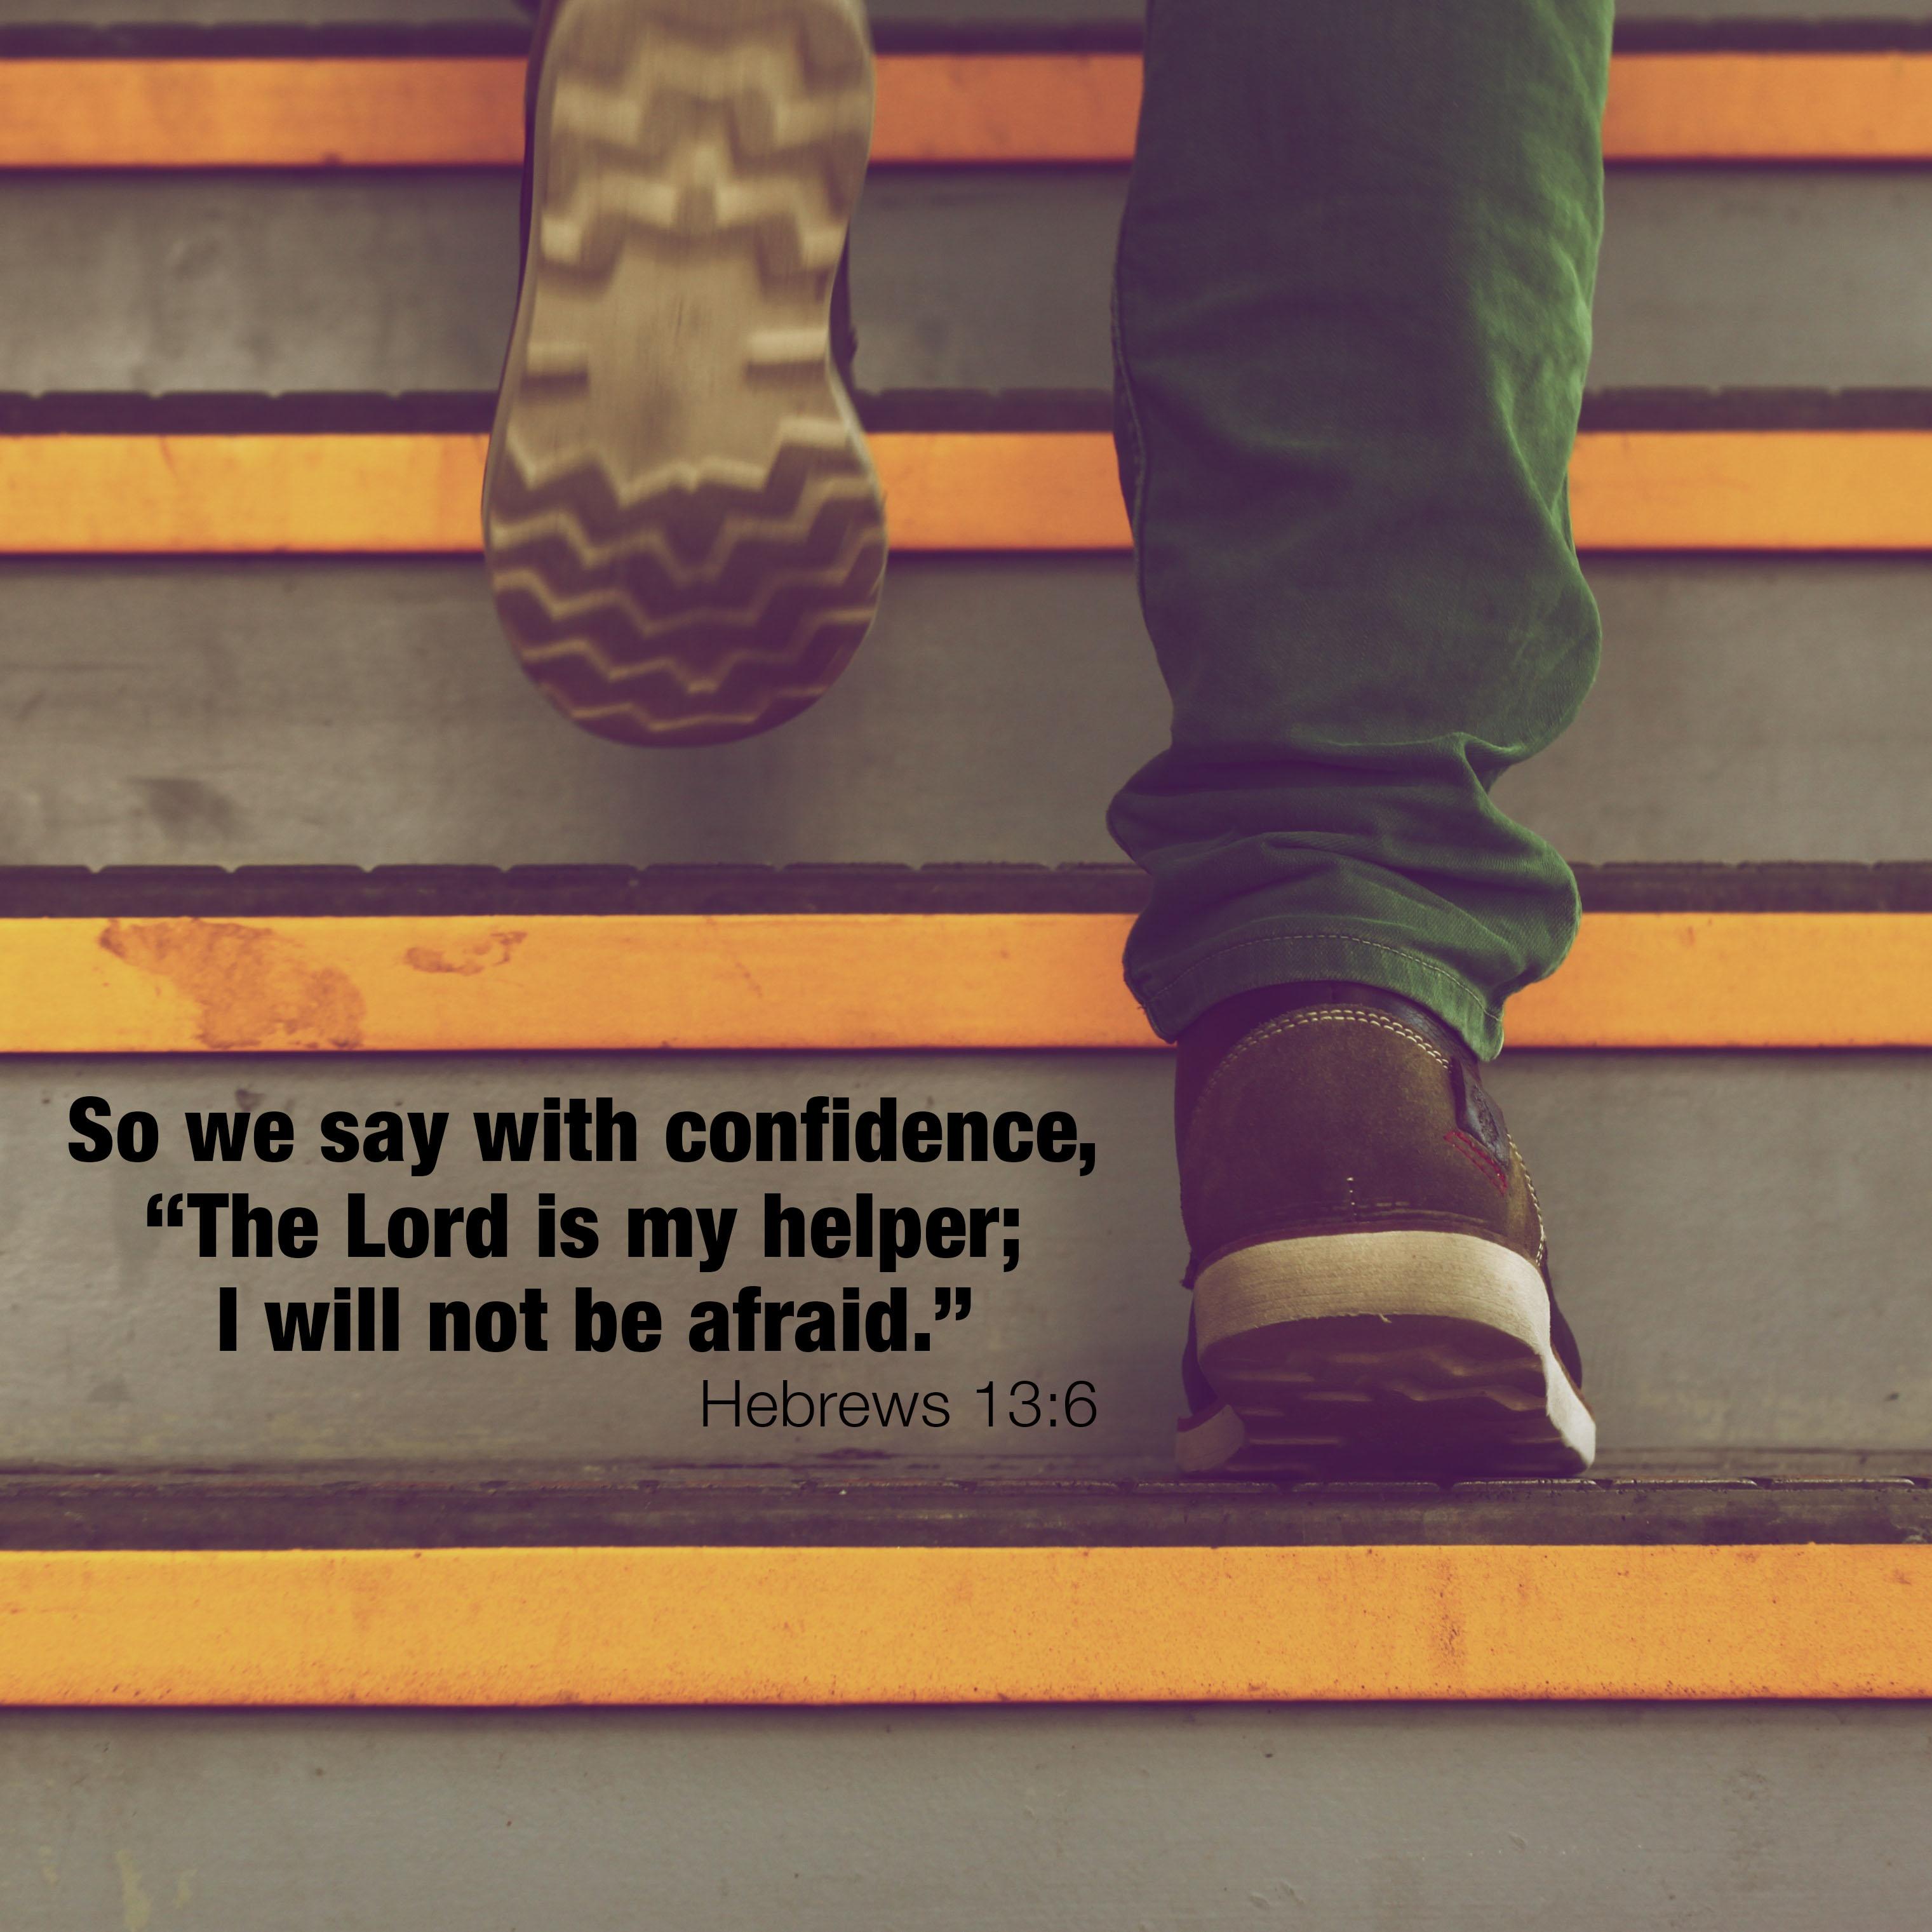 Hebrews 13:6